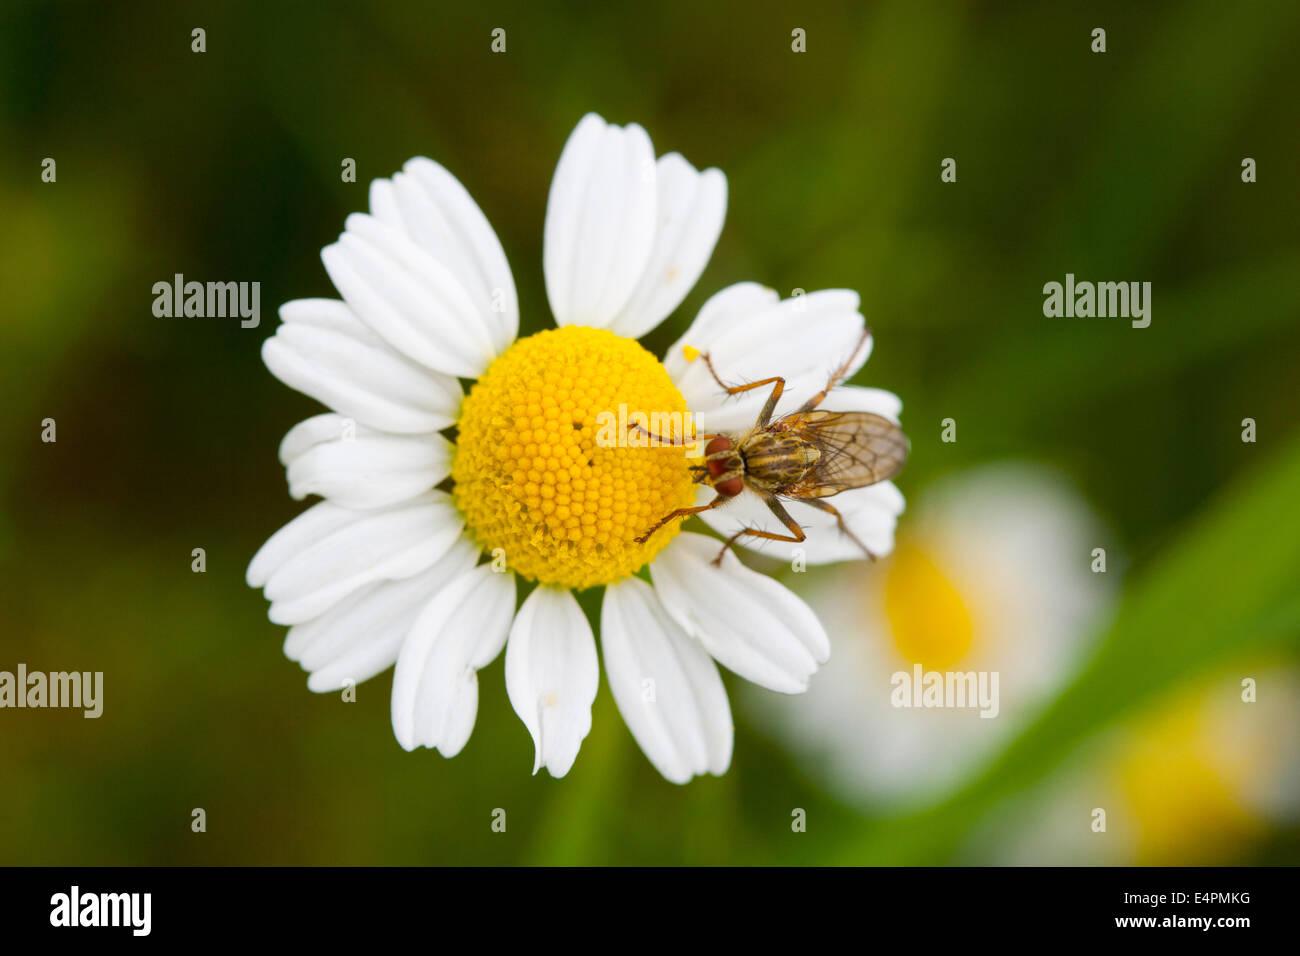 Fliege auf einer Blüte - Stock Image